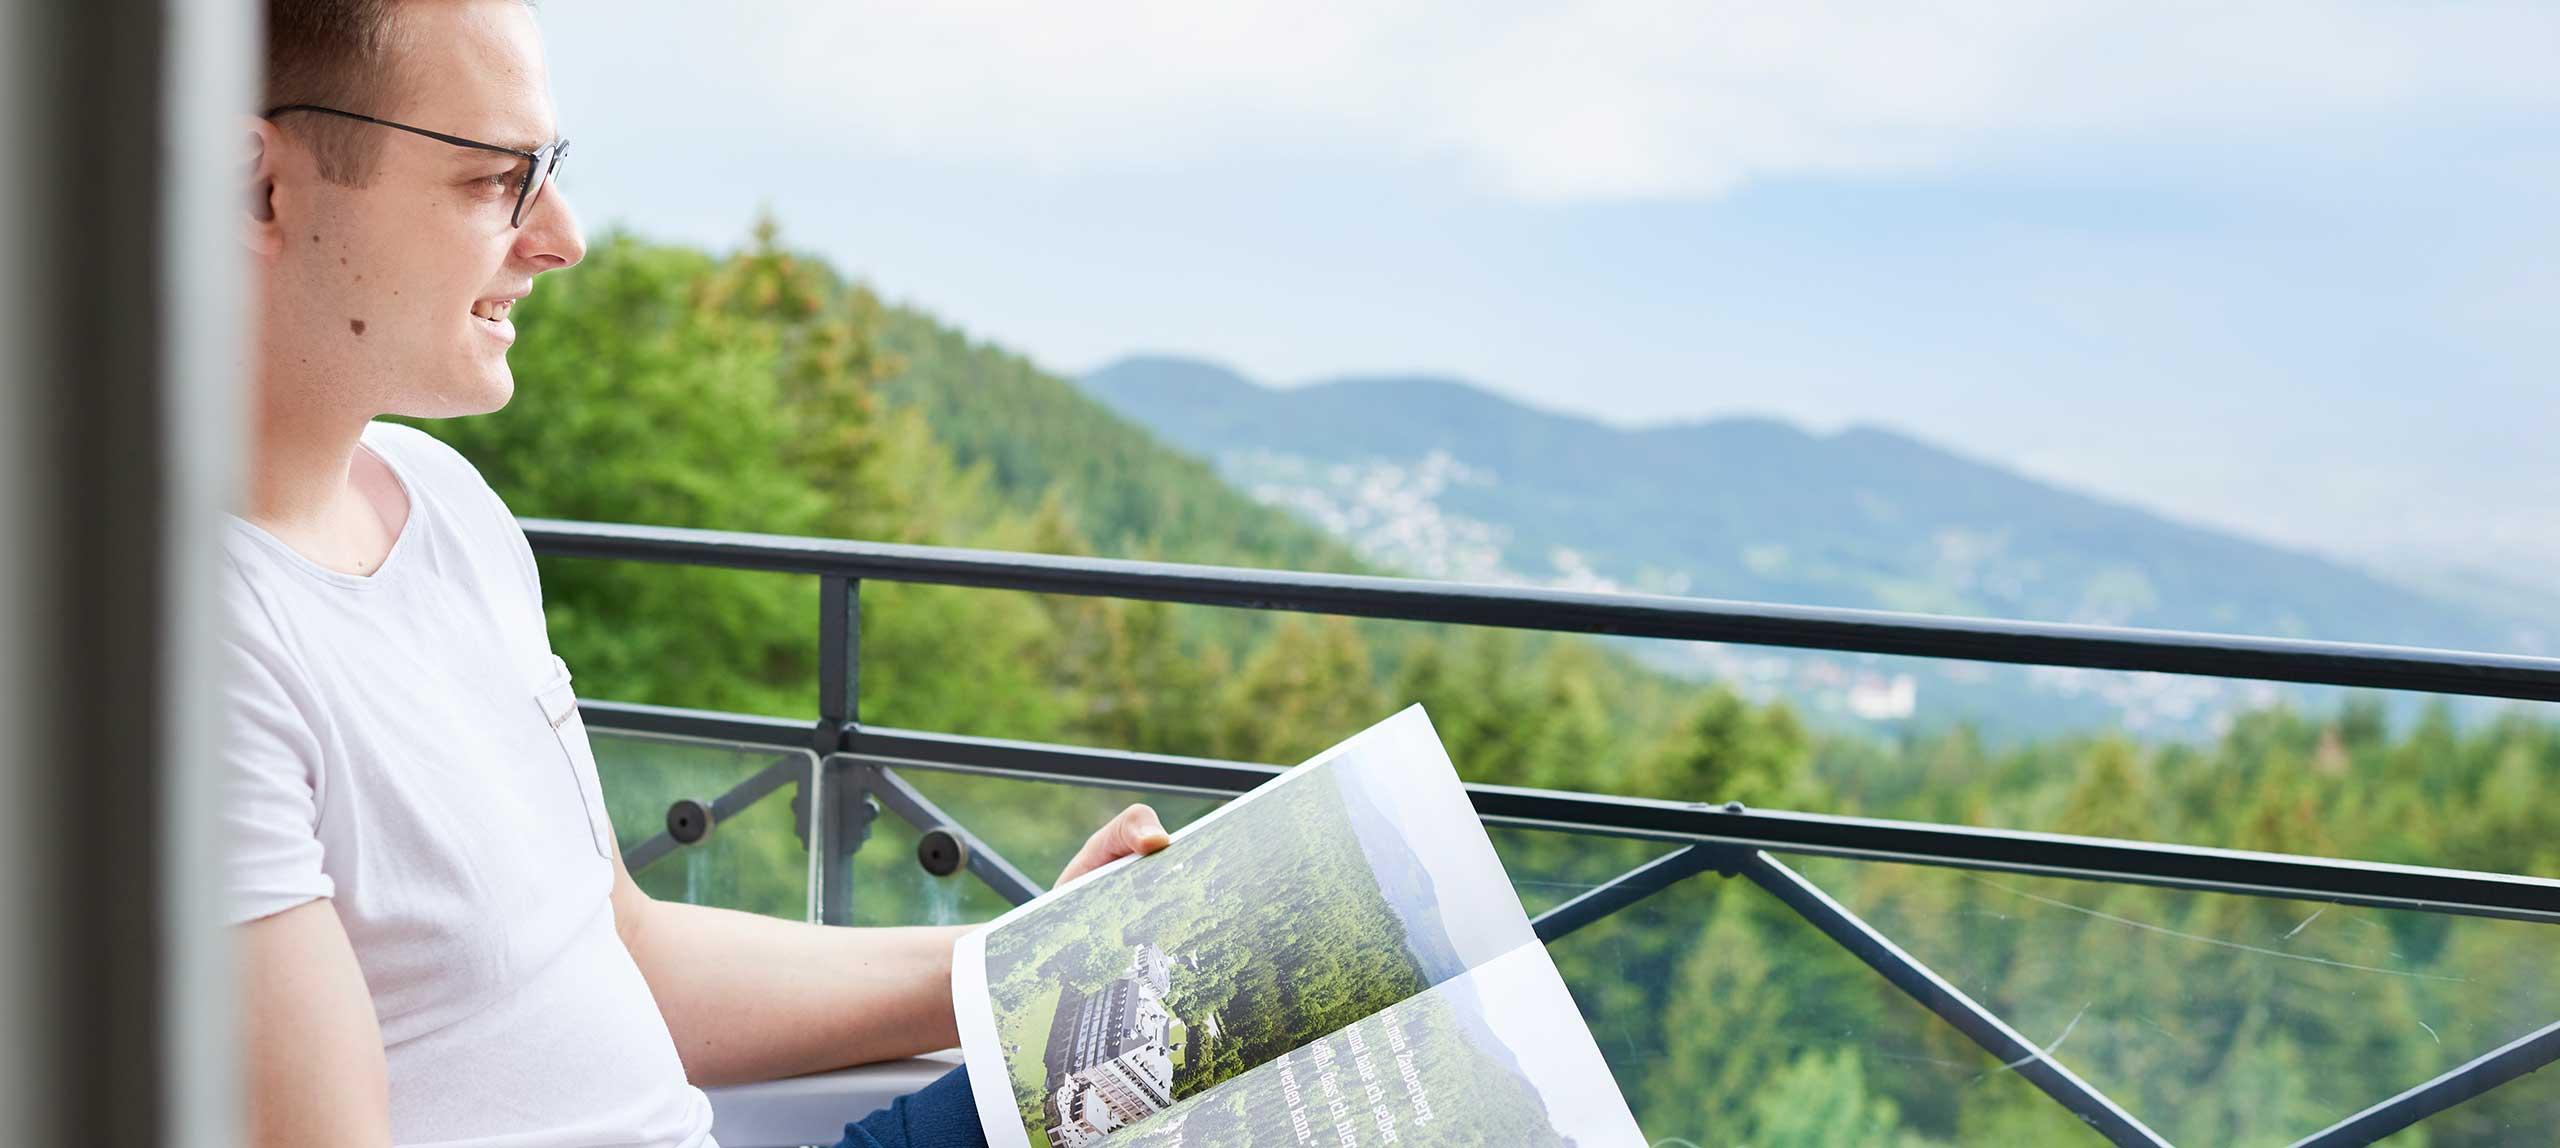 Mann genießt die Aussicht mit dem MAX Magazin